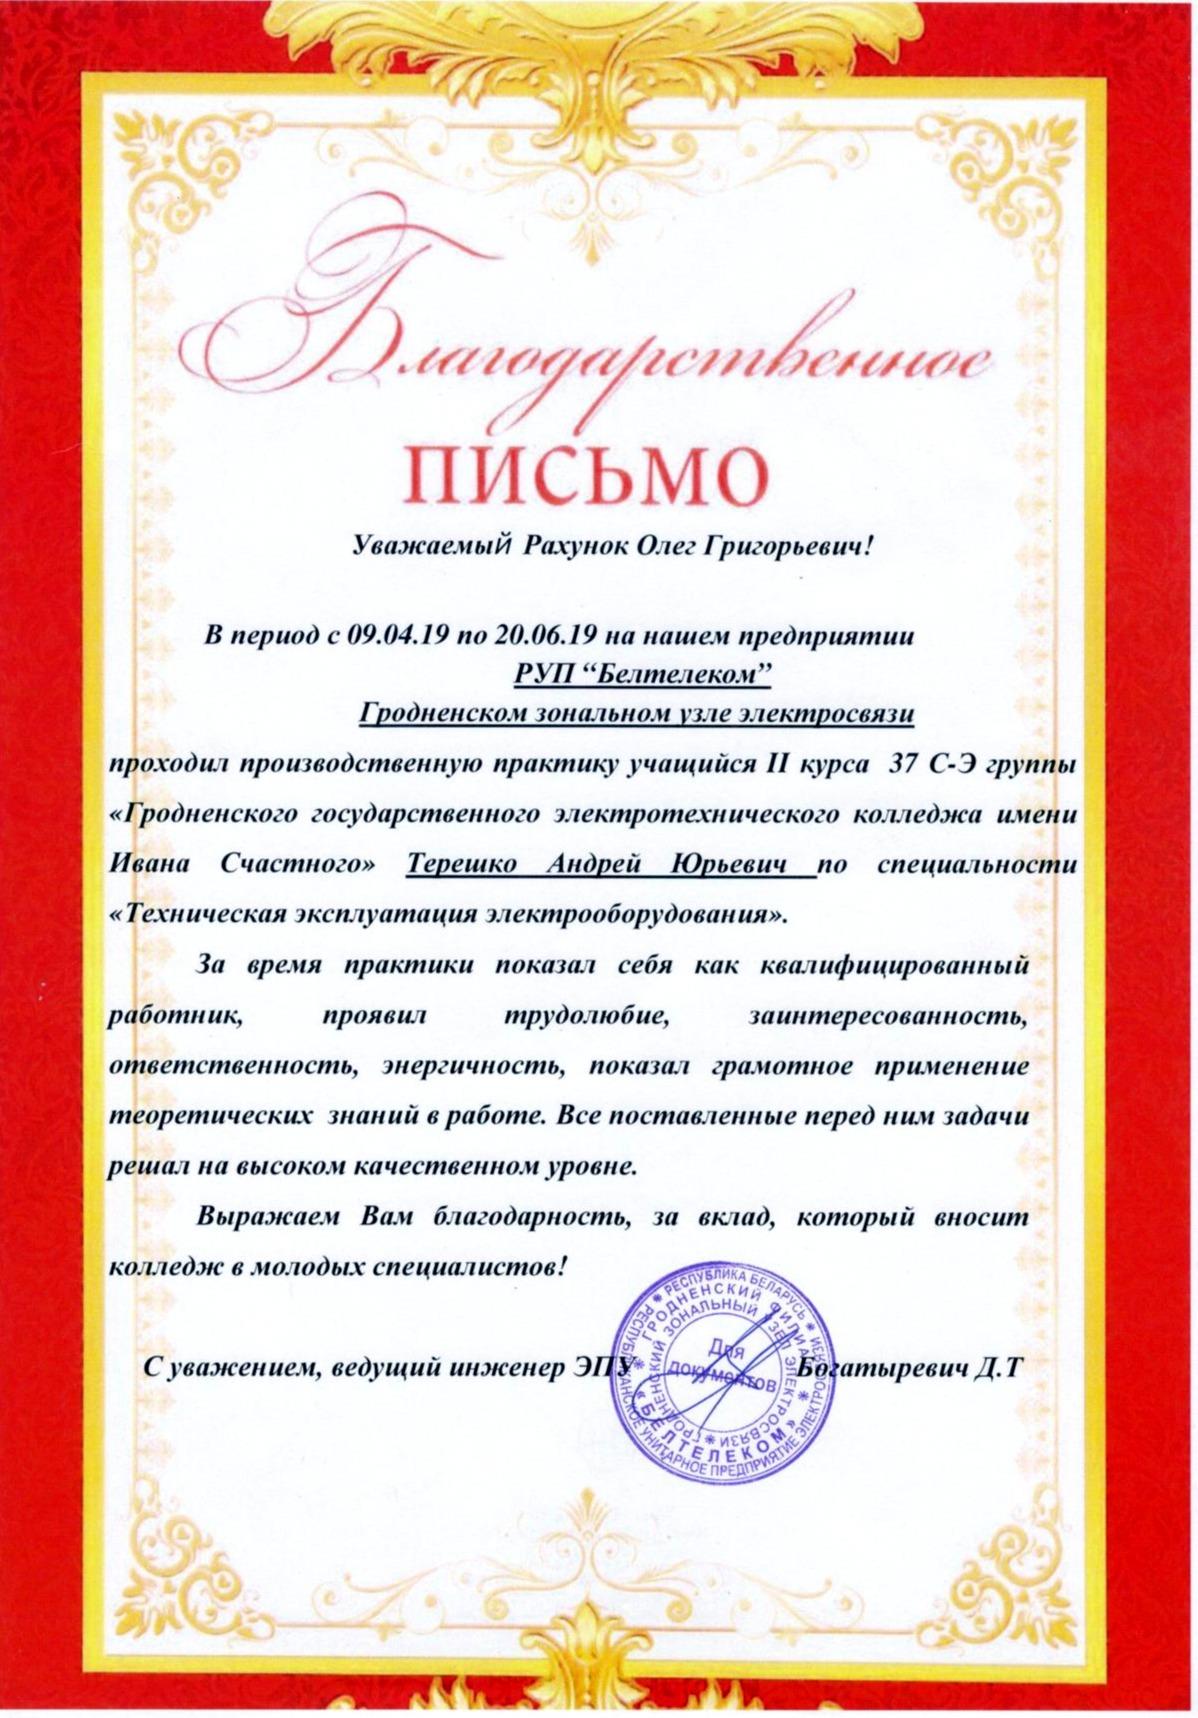 Терешко А.Ю.. РУП